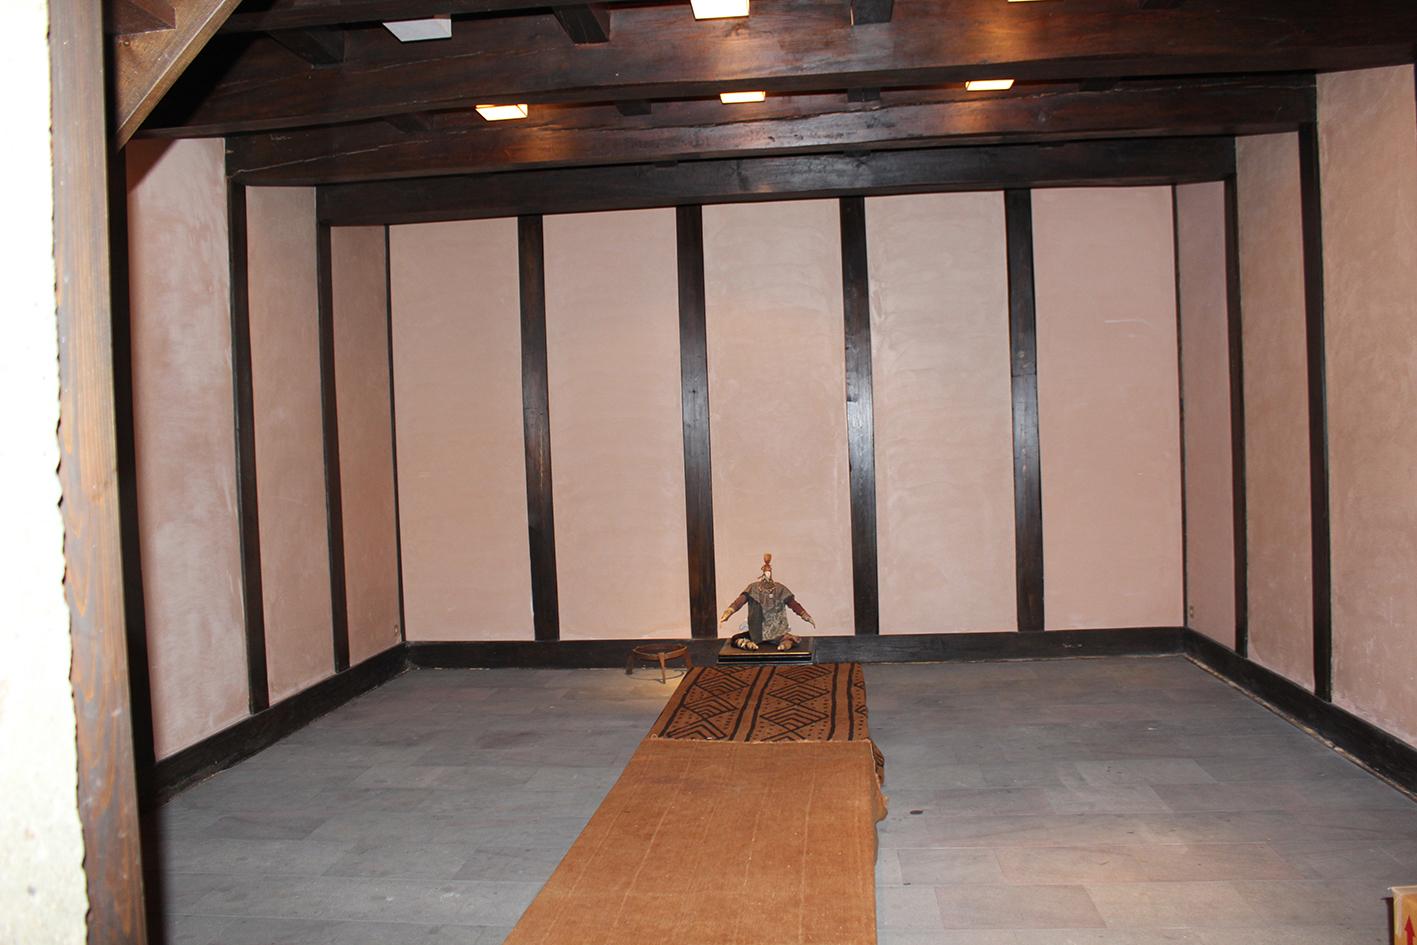 上塗蔵の写真①です。蔵は一定の温度と湿度を保ちやすい。